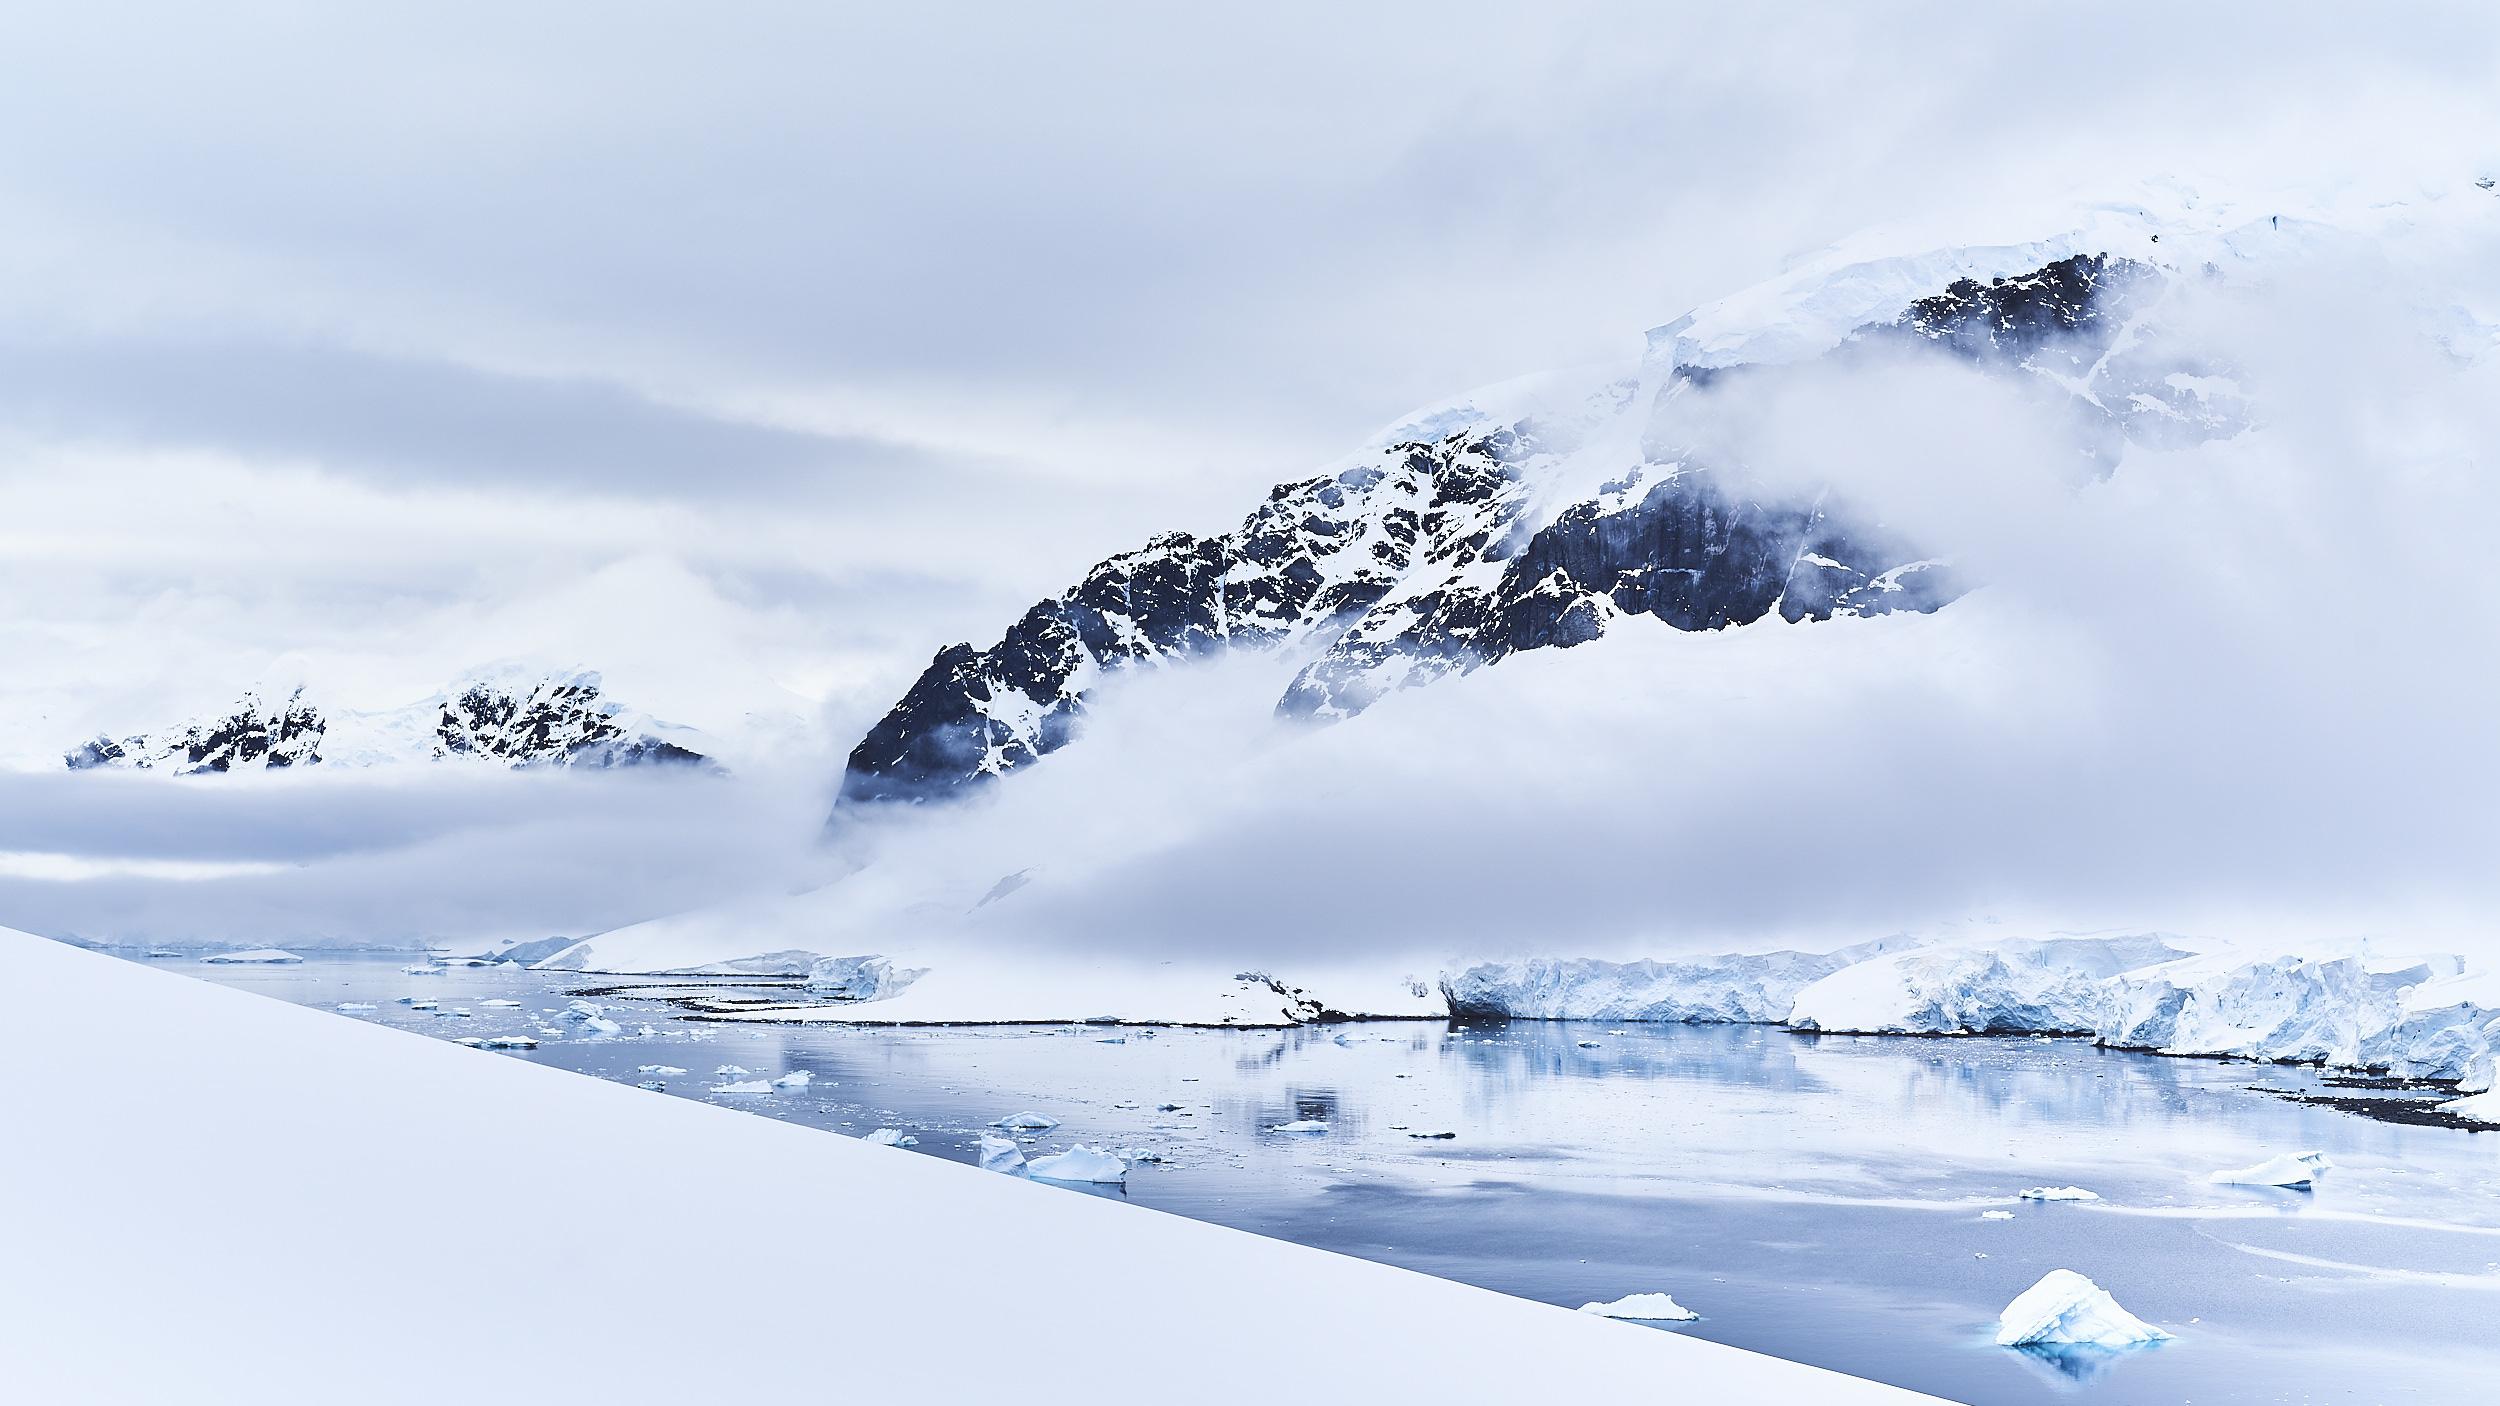 cotsen-antarctica-2018-+25.jpg